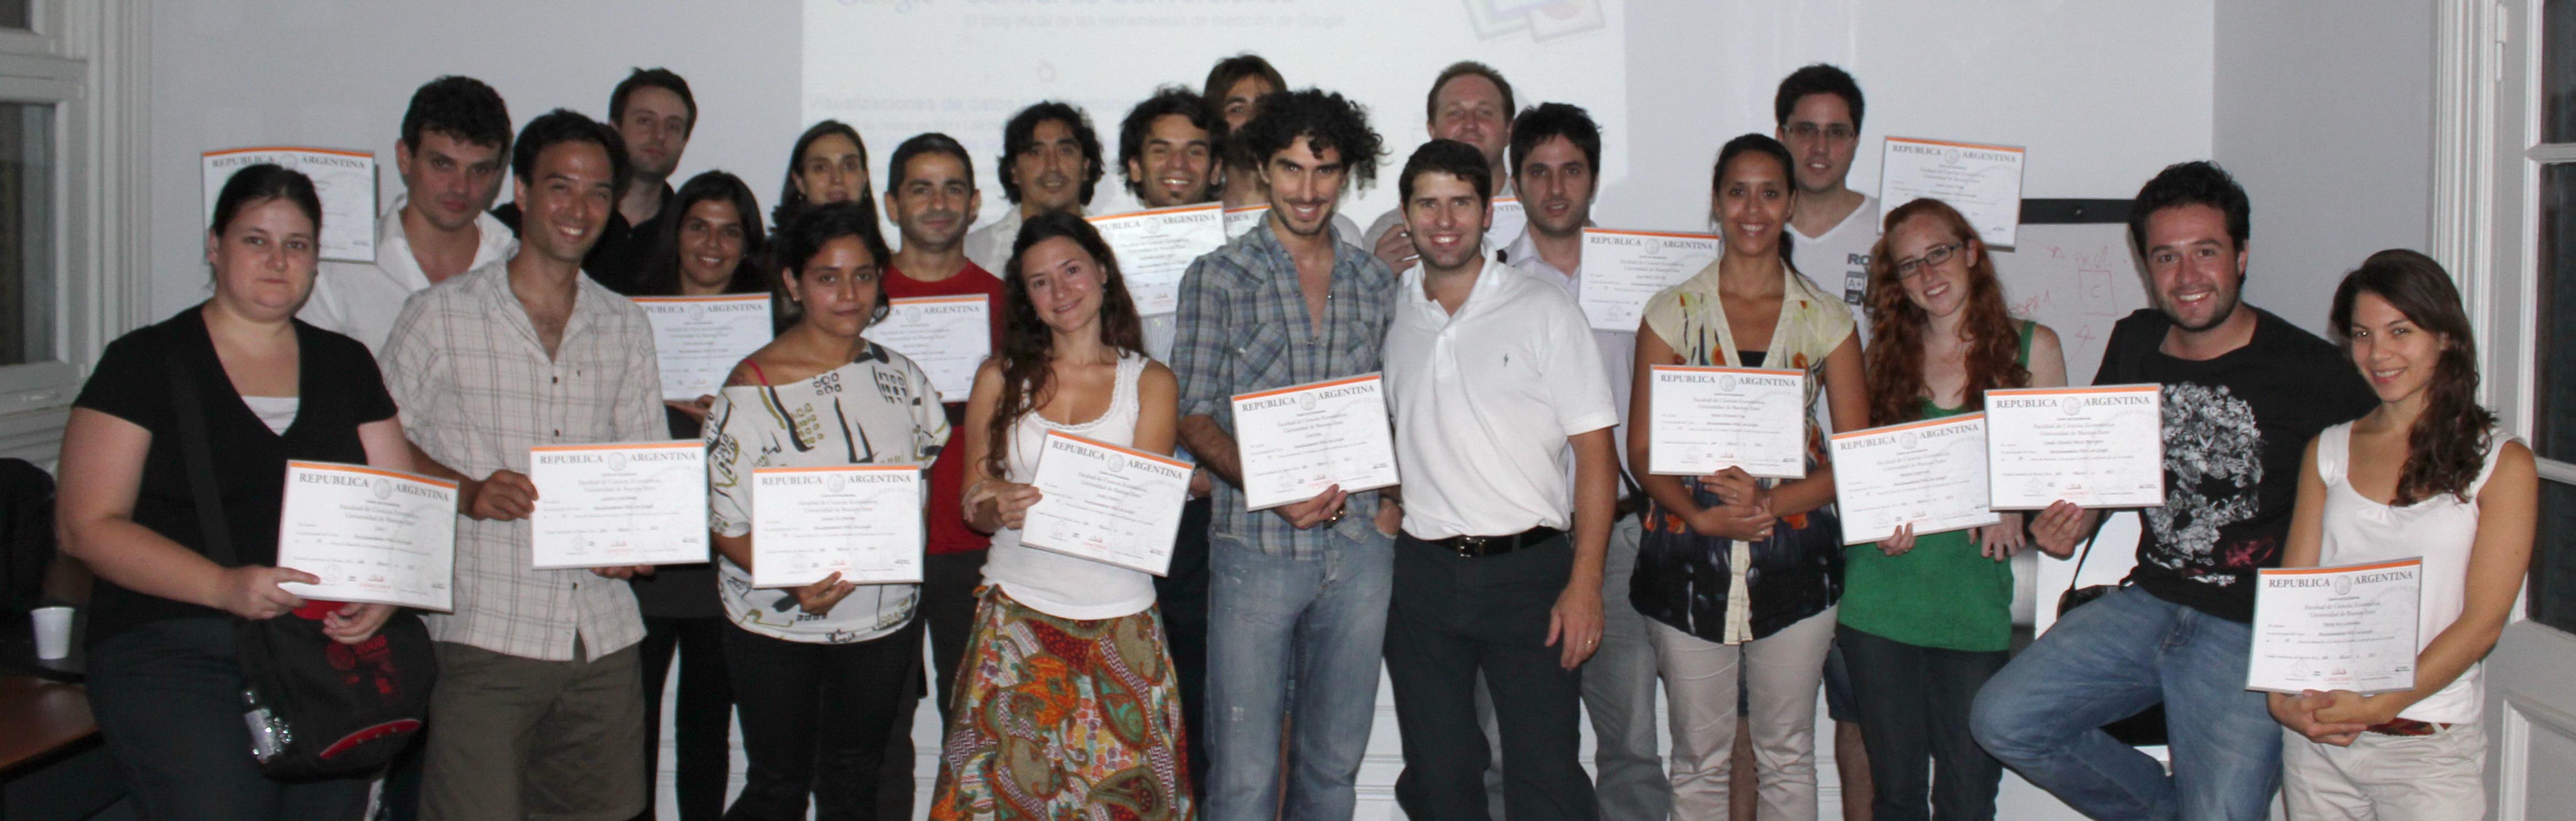 Cursos de Posicionamiento Web con Google | Capacitarte UBA